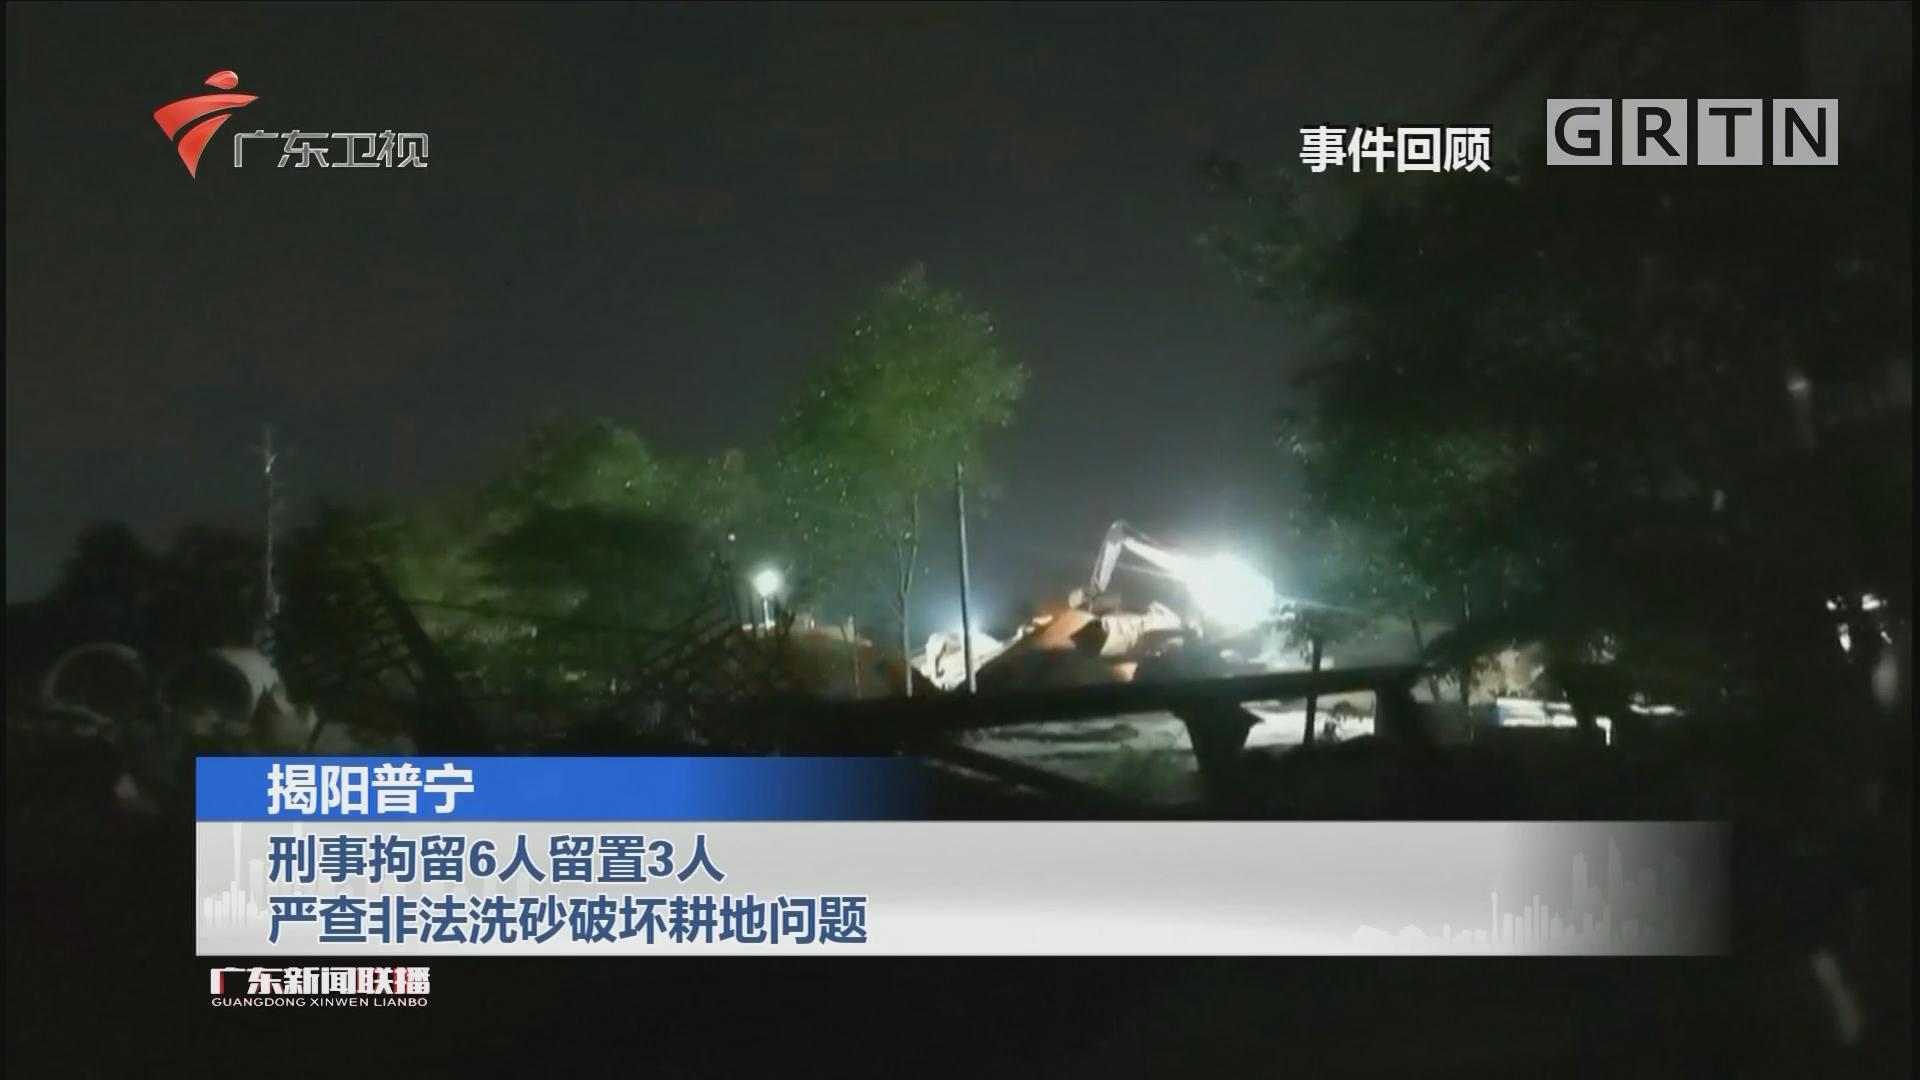 揭阳、中山:省纪委暗访曝光后迅速行动 直面问题真刀真枪推动整改